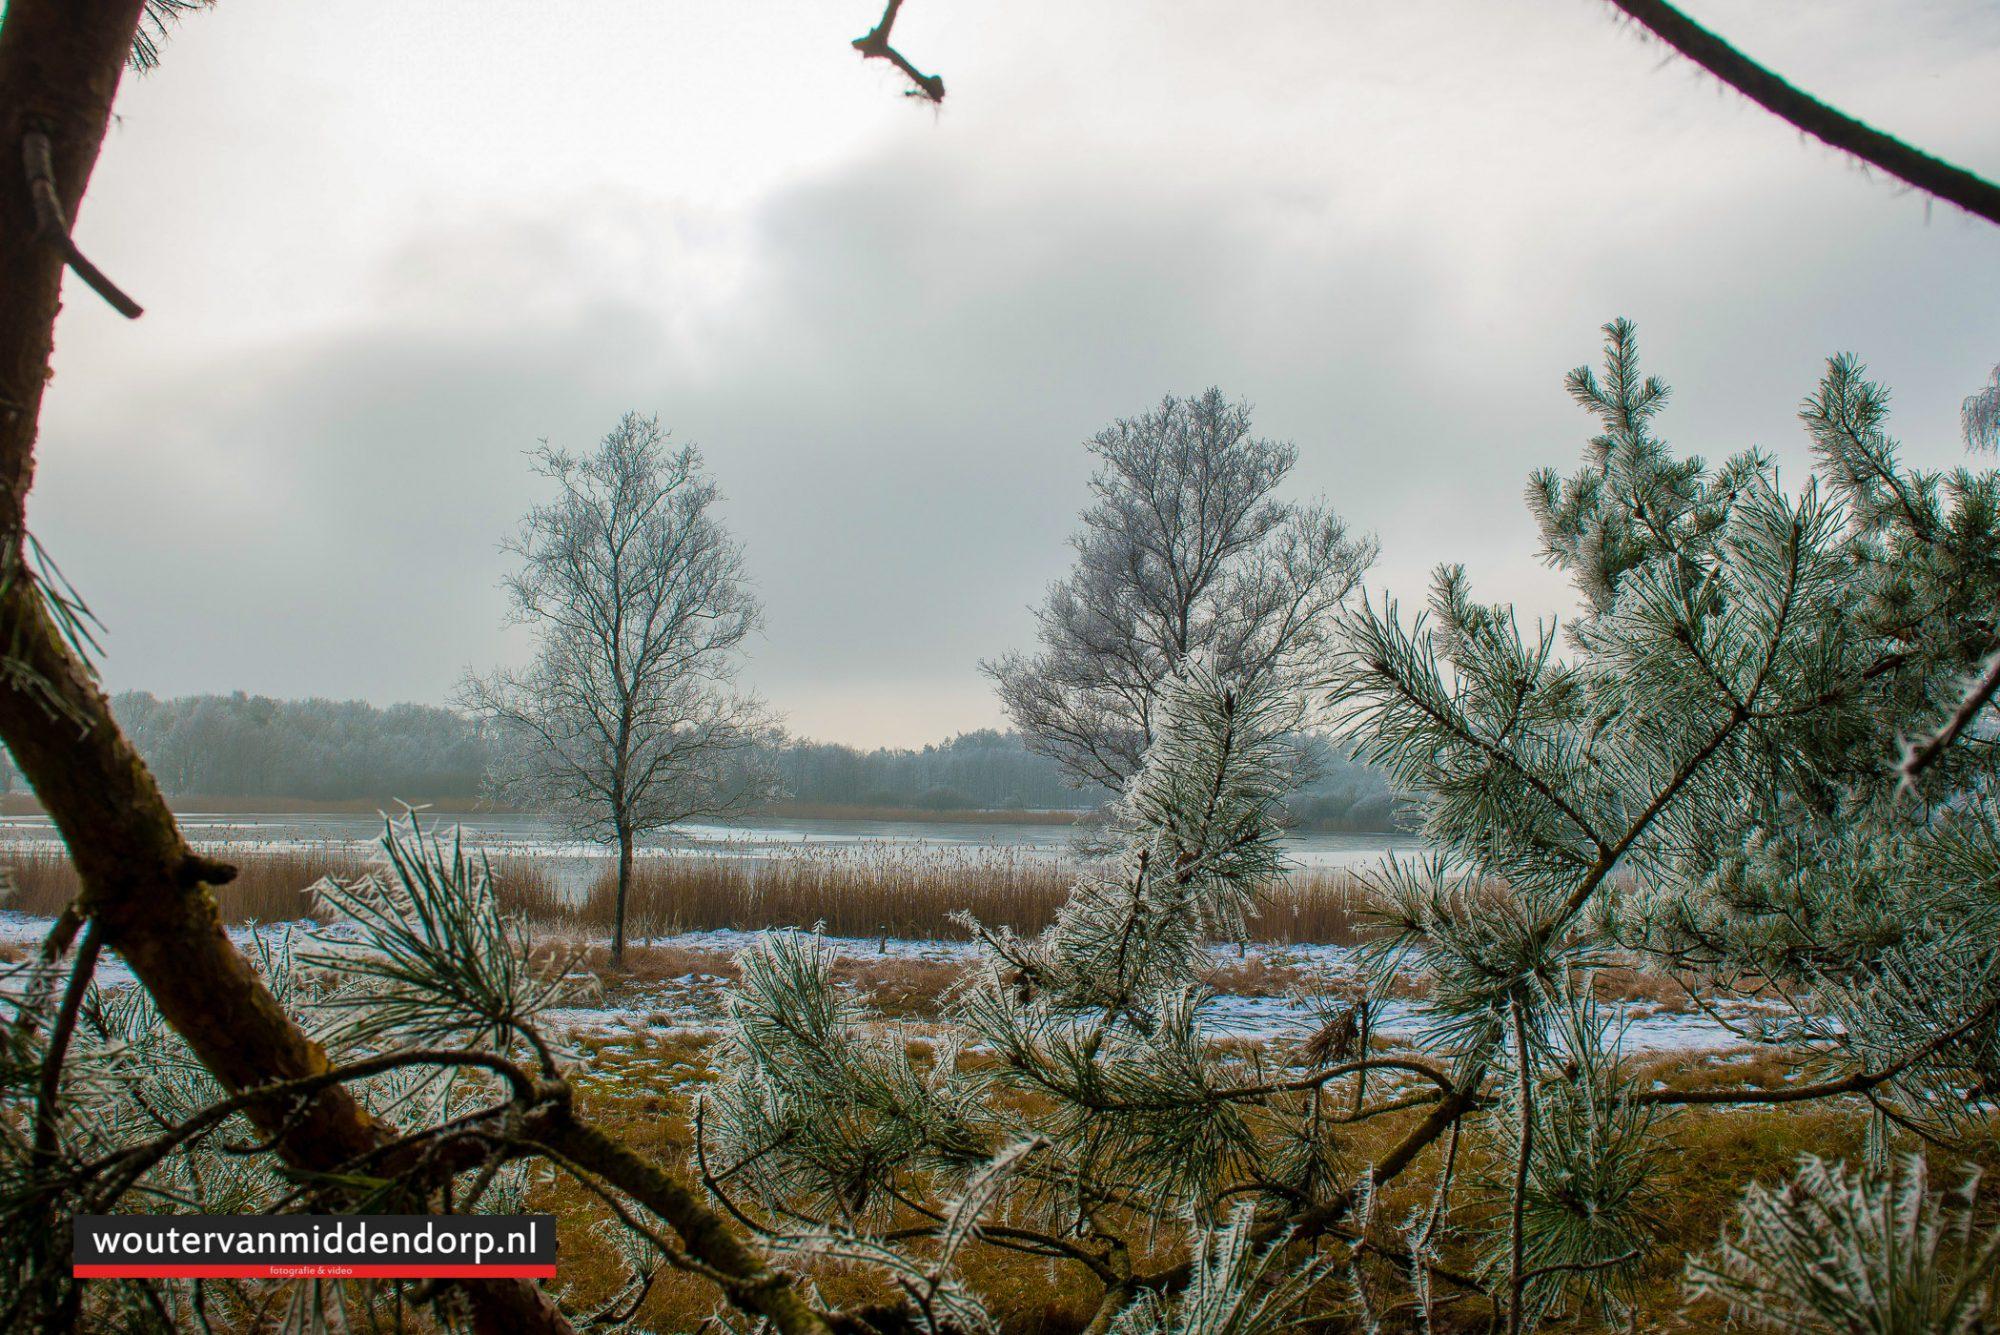 natuurfotografie-125